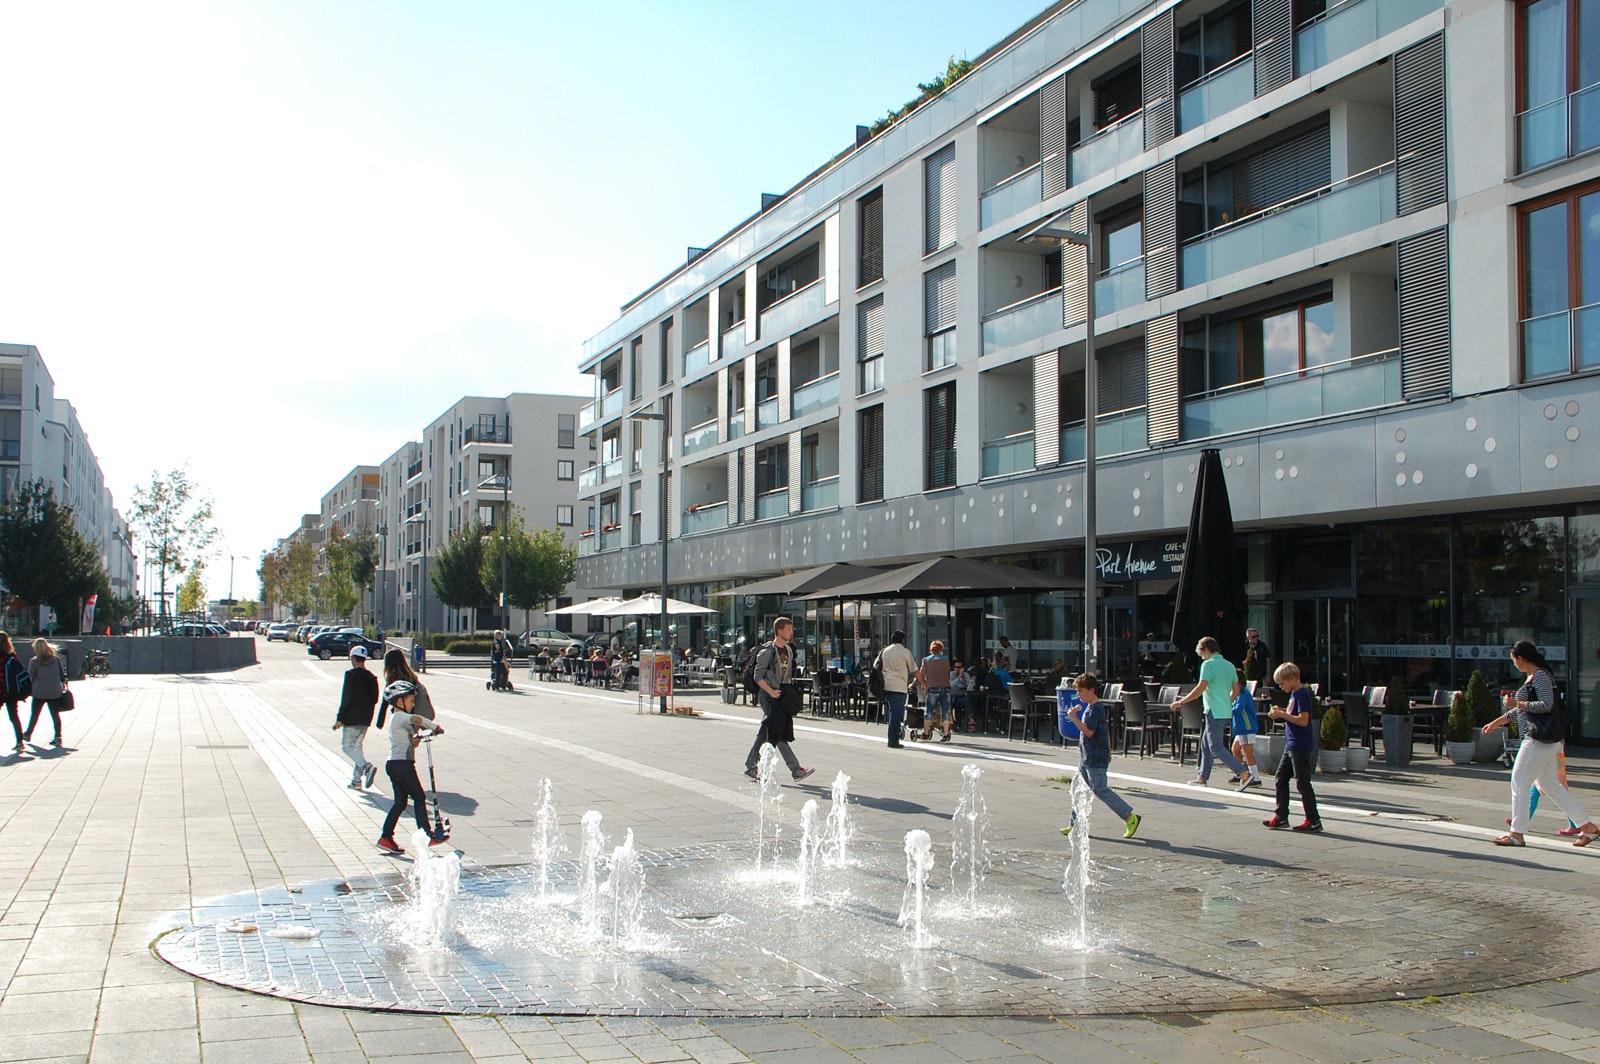 Das Wohngebiet Riedberg in Frankfurt ist infolge einer städtebaulichen Entwicklungsmaßnahme entstanden.